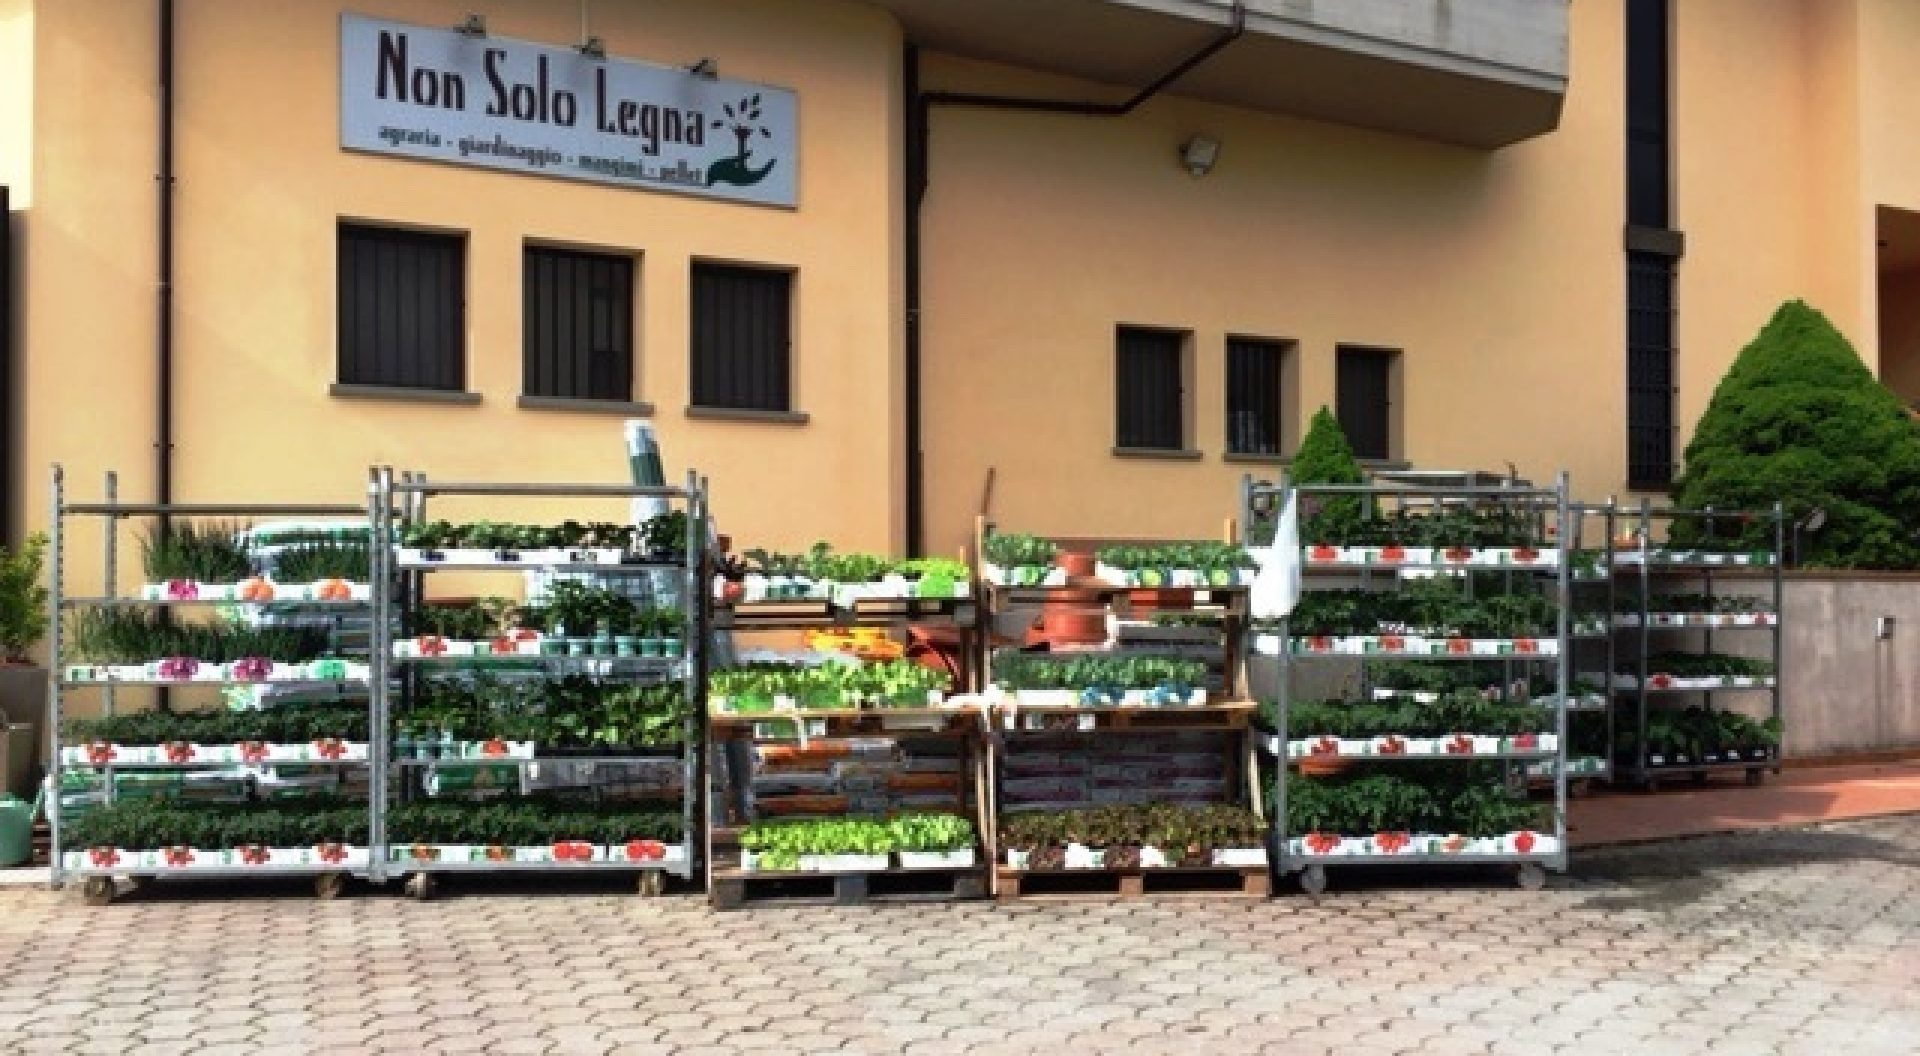 Agraria, mangimi, giardinaggio, pellet